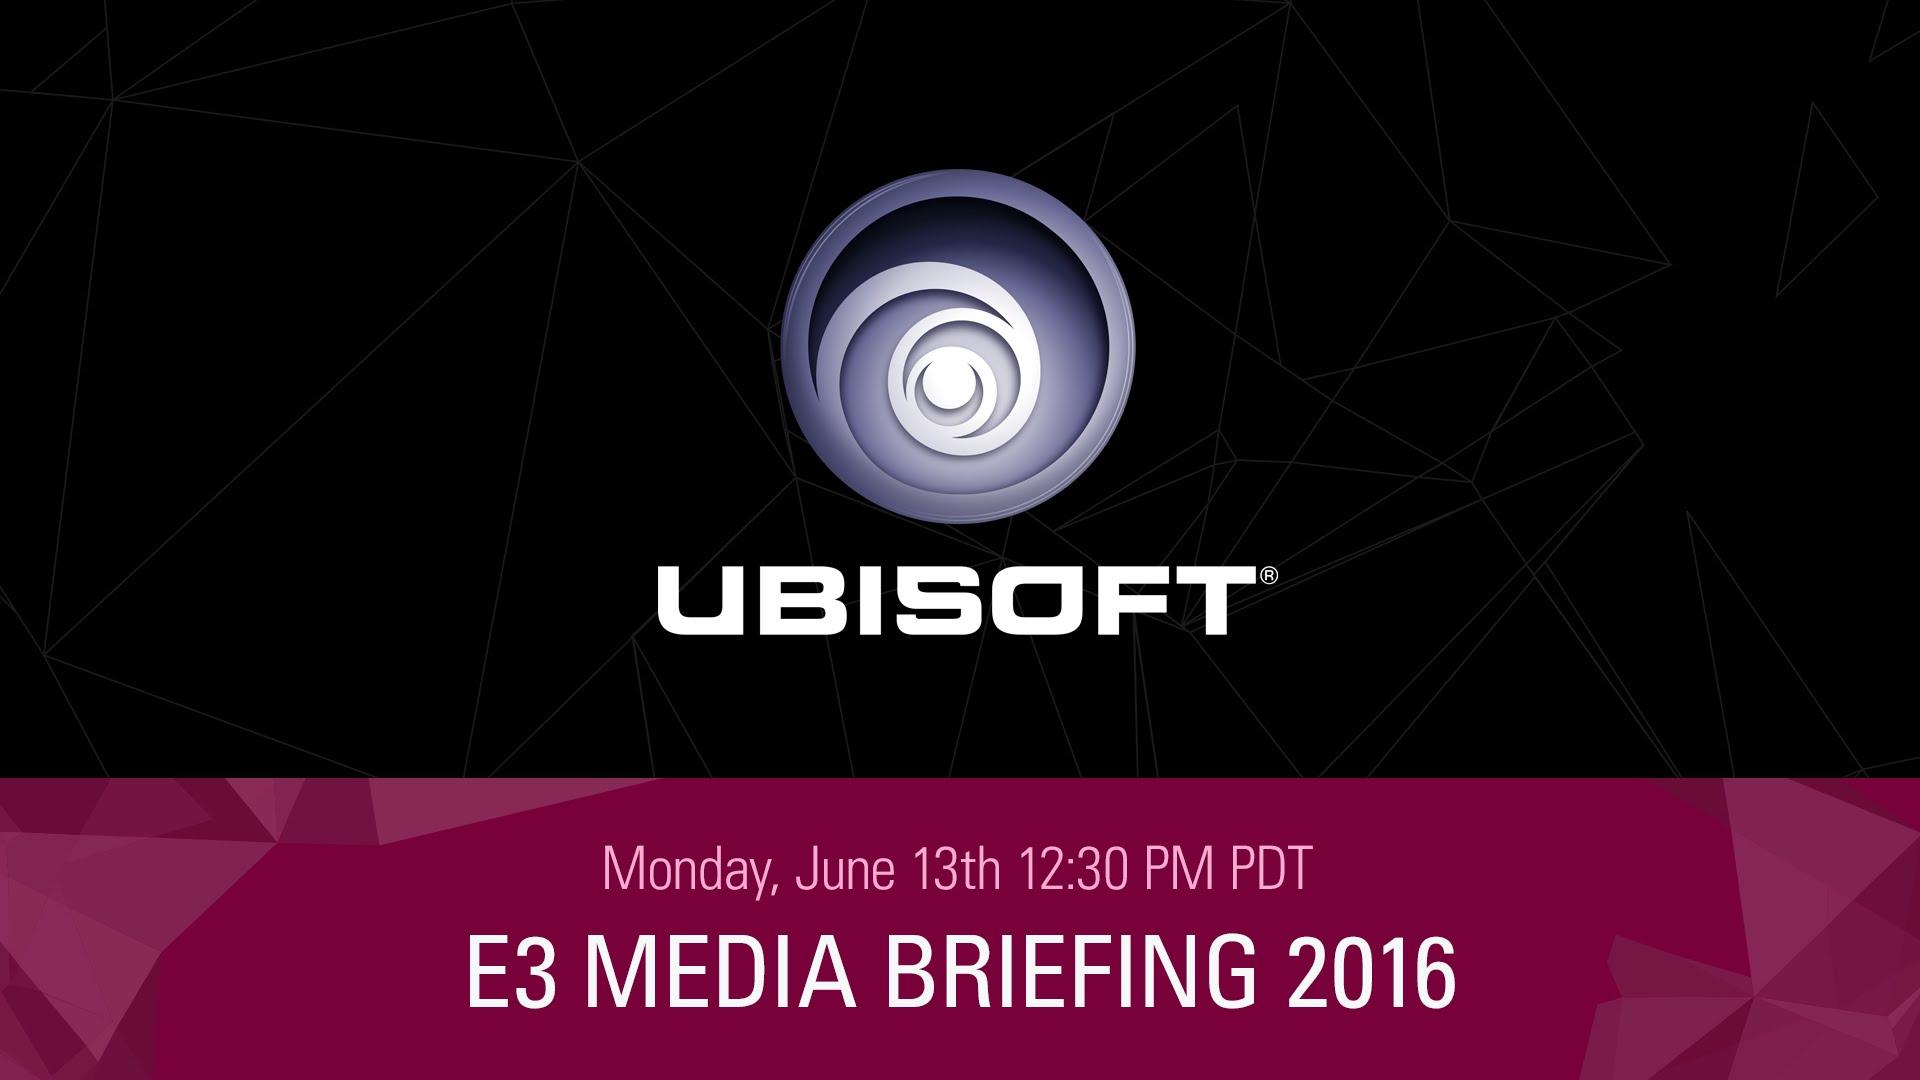 ubisoft - [E3 2016] Tổng kết lại buổi họp báo Ubisoft